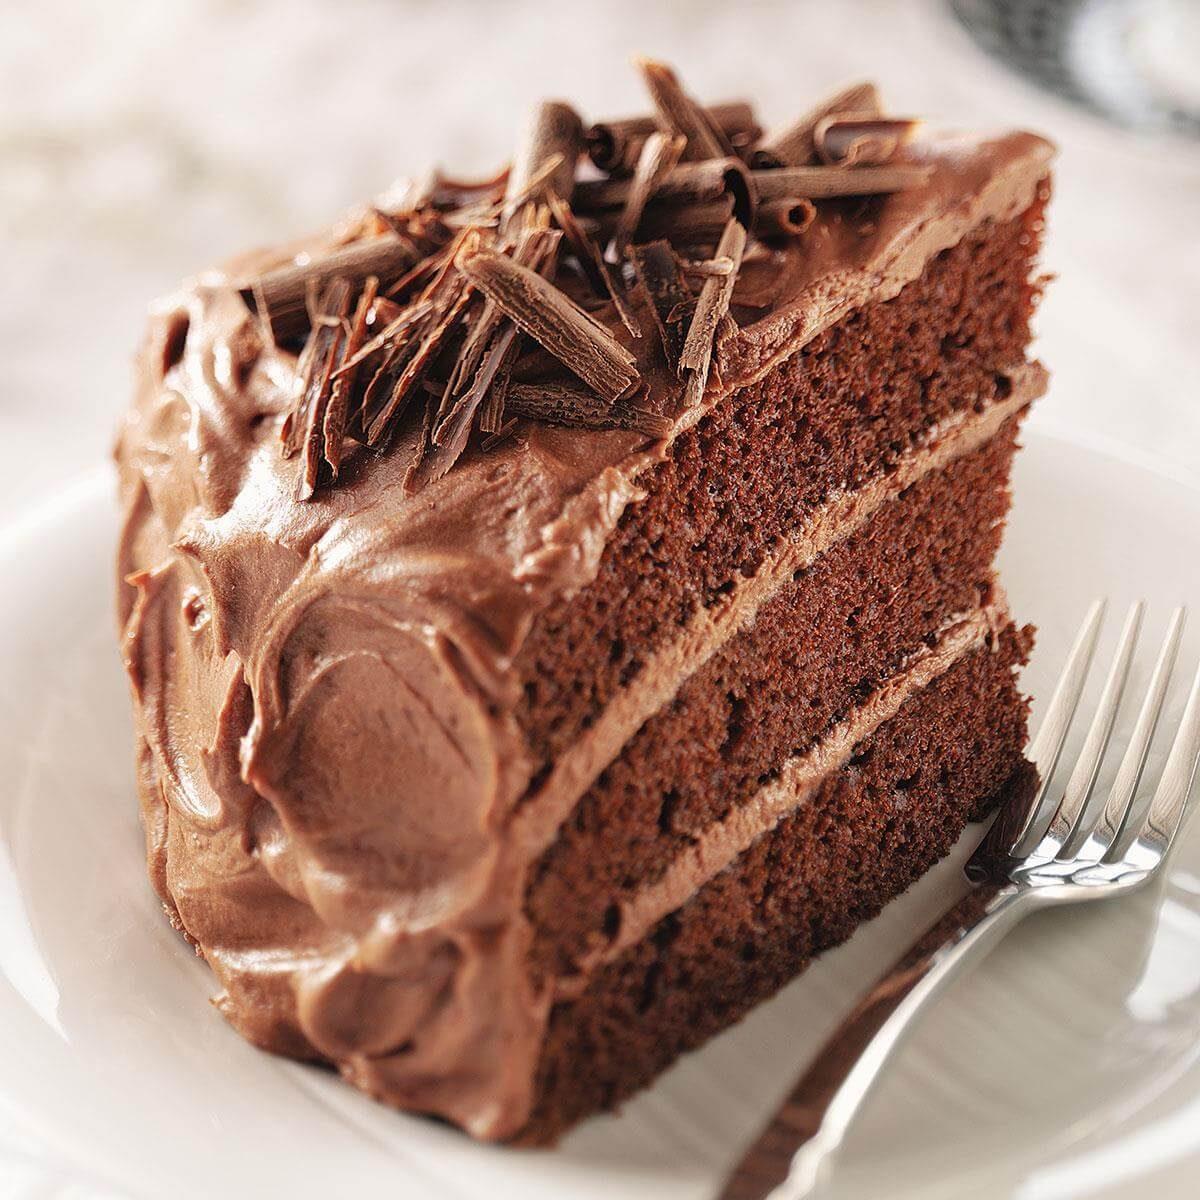 普宁职校校花程思瑶_chocolatecake_chocolate cake__ - www.windown5.com